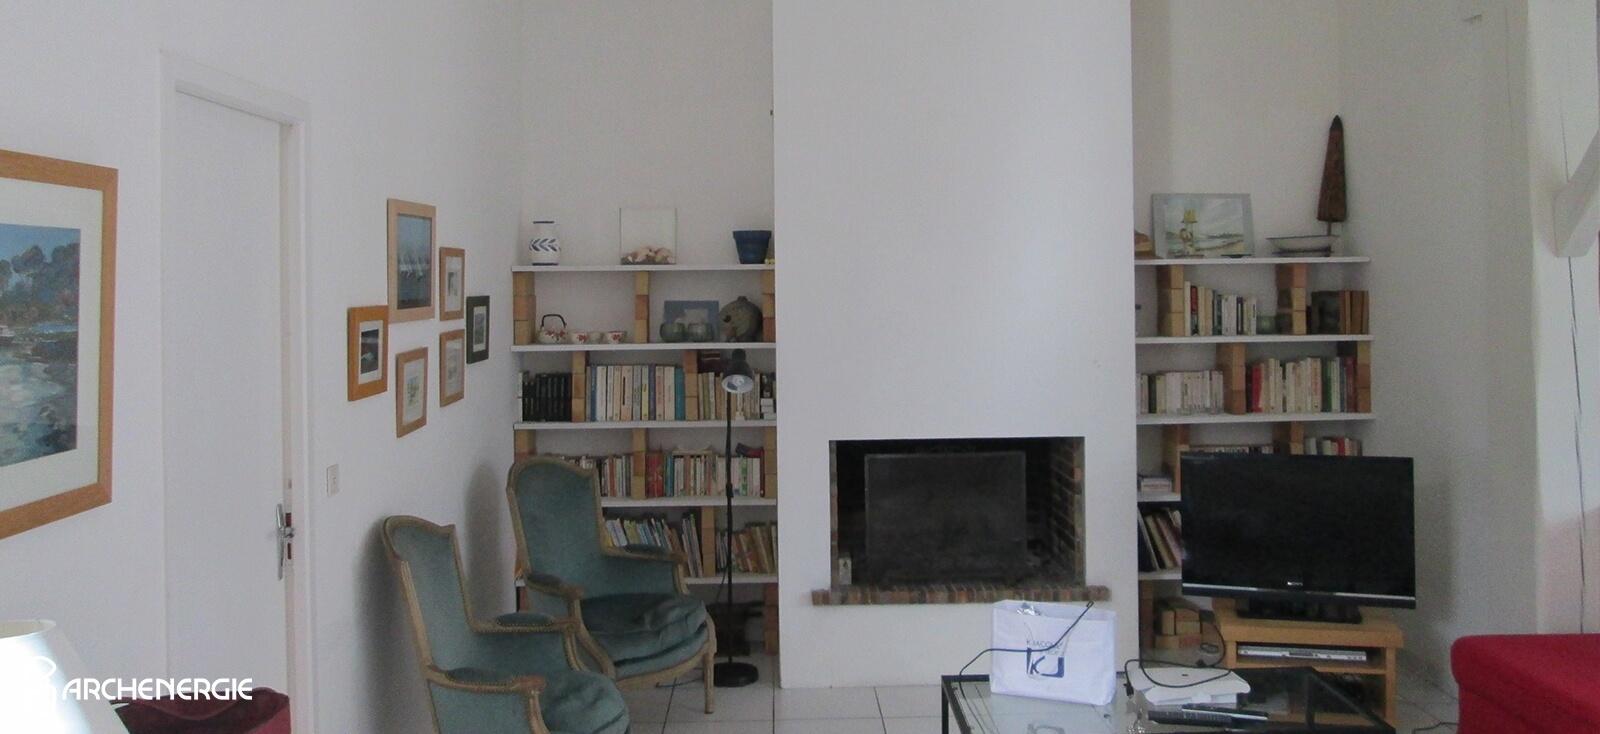 Rénovation d'une maison à Ares - Archenergie